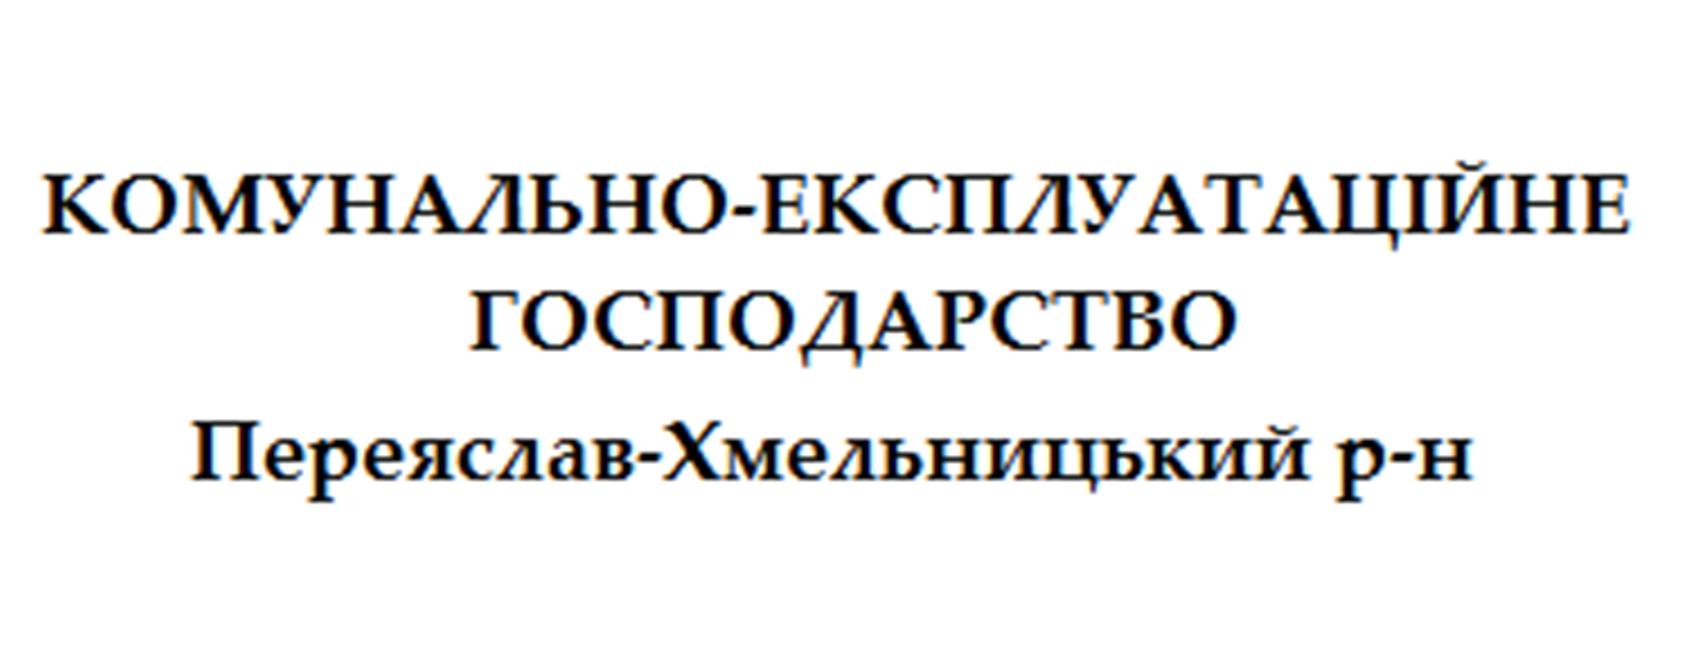 КОМУНАЛЬНО-ЕКСПЛУАТАЦІЙНЕ ГОСПОДАРСТВО Переяслав-Хмельницький р-н